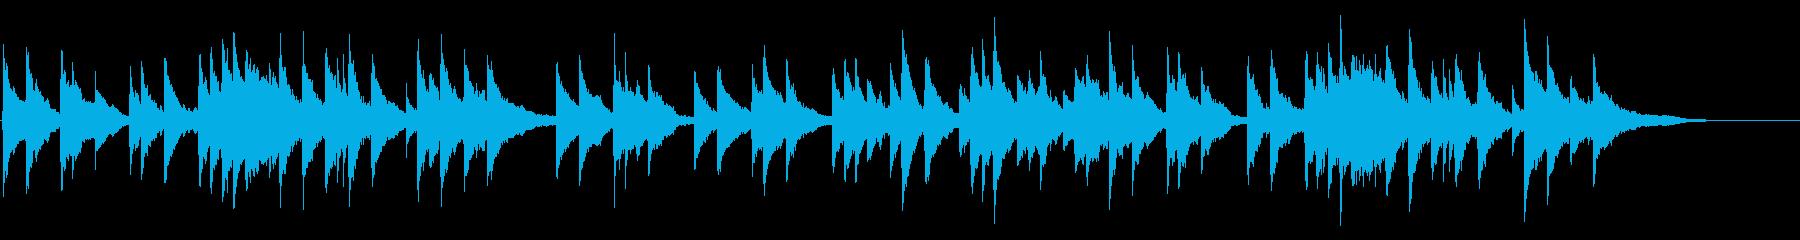 ヘンデルのアリア〈私を泣かせてください〉の再生済みの波形